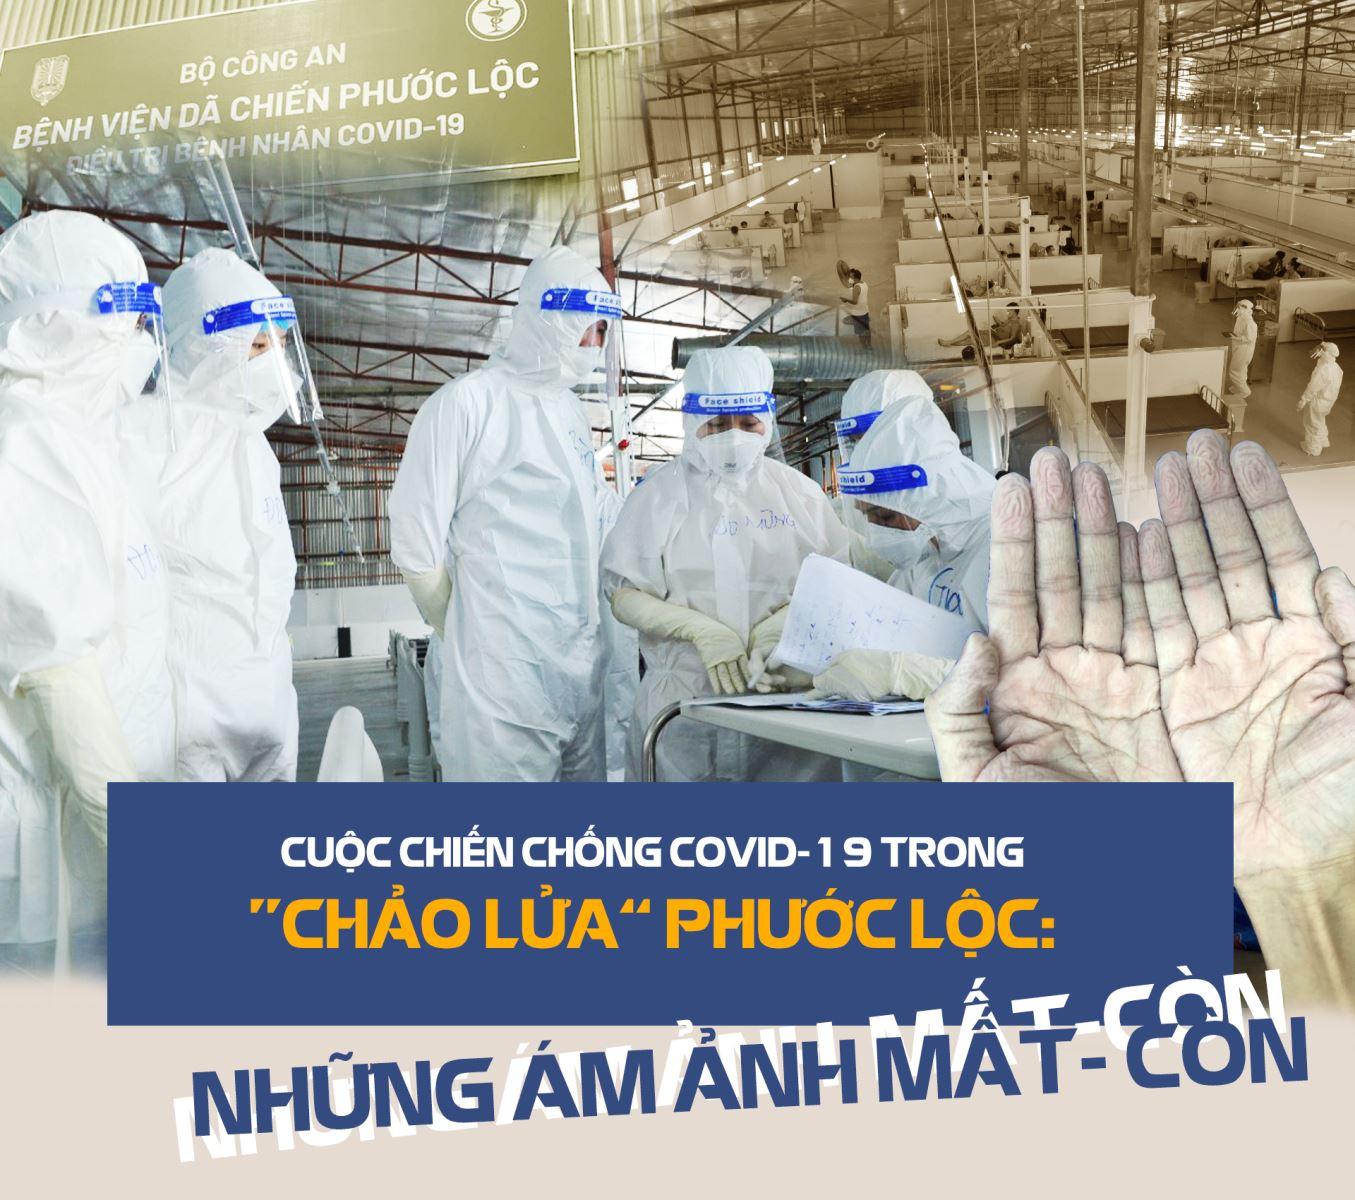 """Cuộc chiến chống COVID-19 trong """"chảo lửa"""" Phước Lộc: Những ám ảnh MẤT - CÒN"""